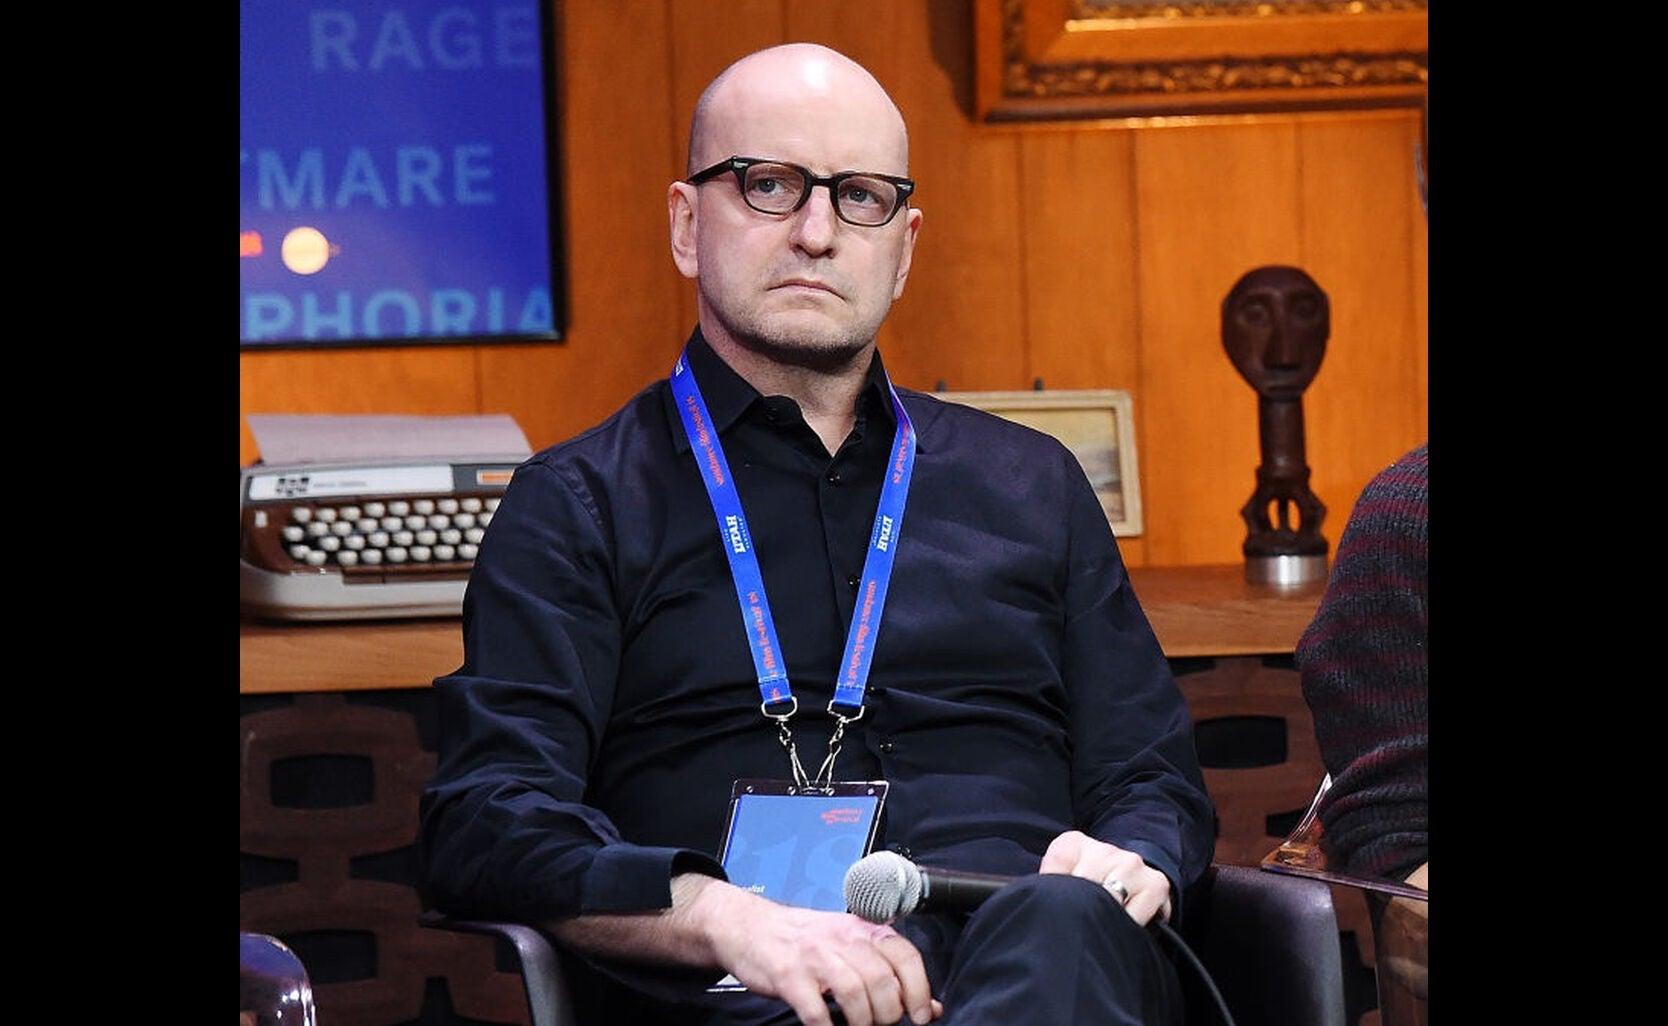 Filmmaker Steve Soderbergh at Sundance 2018